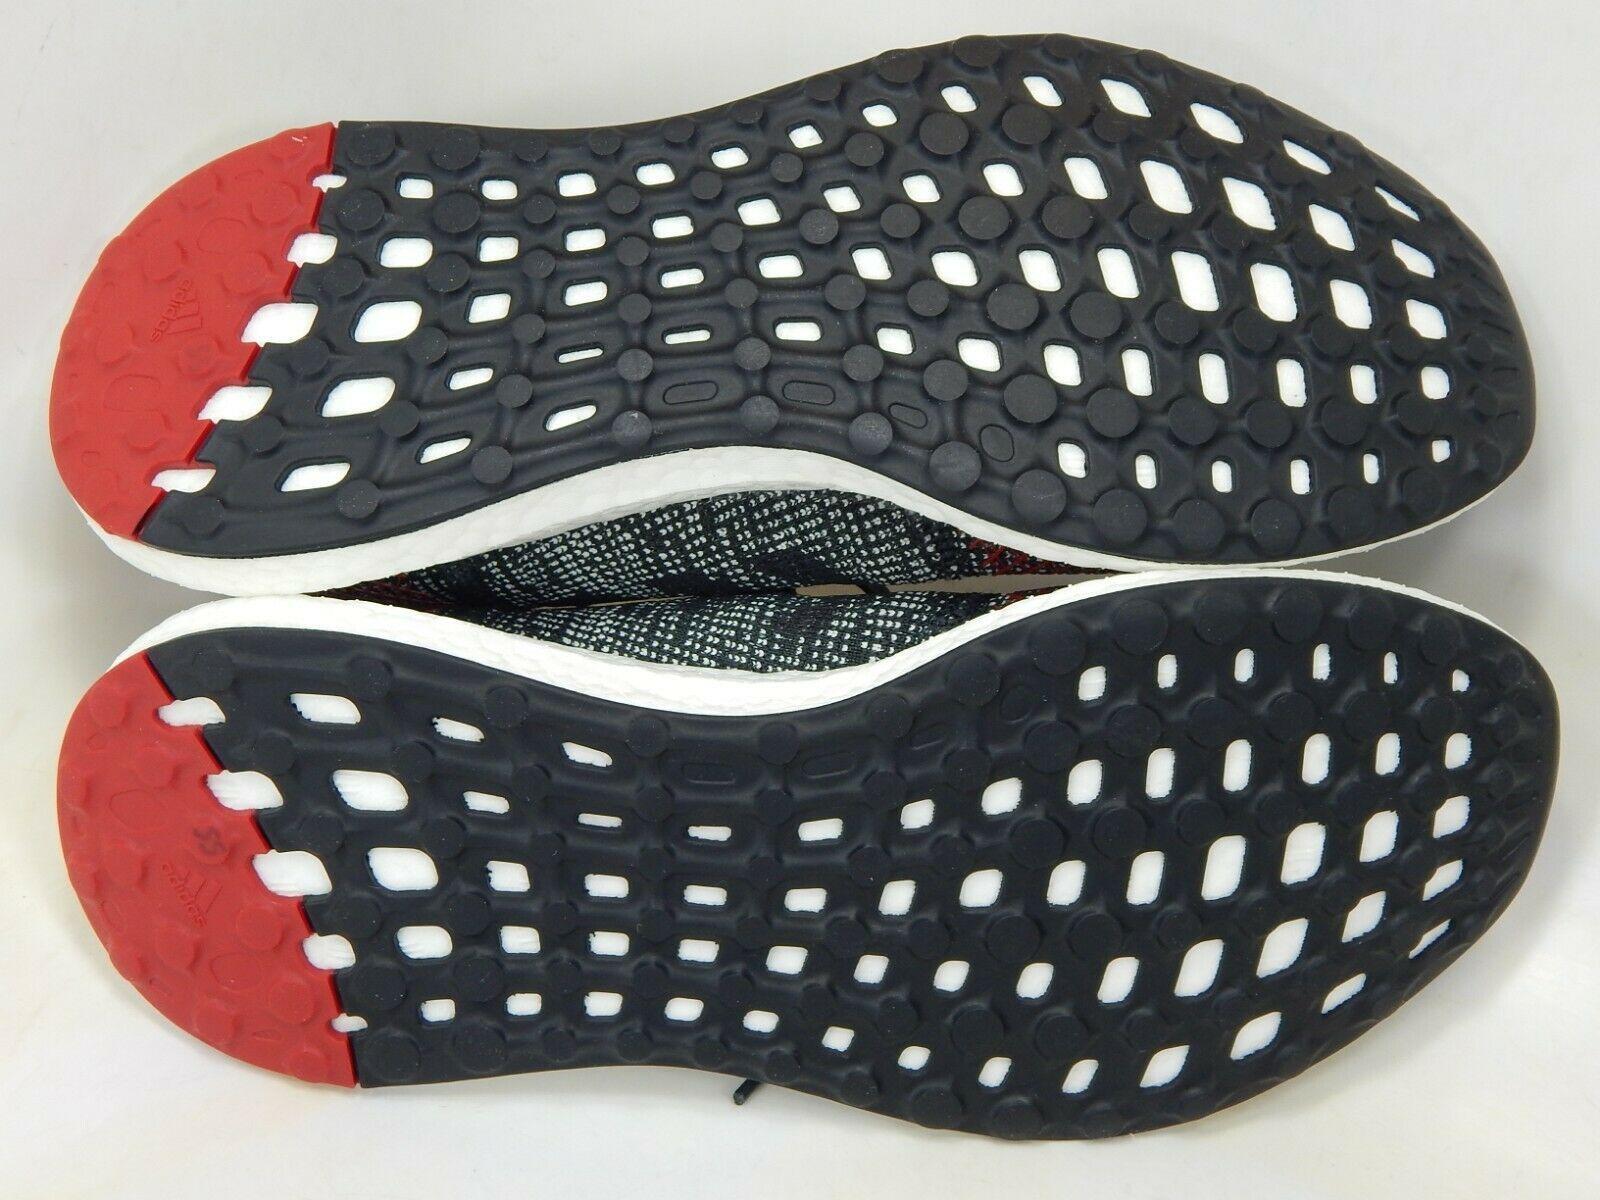 Adidas Pureboost Go Größe 8.5 M (D) Eu 42 Herren Laufschuhe Schwarz/Rot AH2323